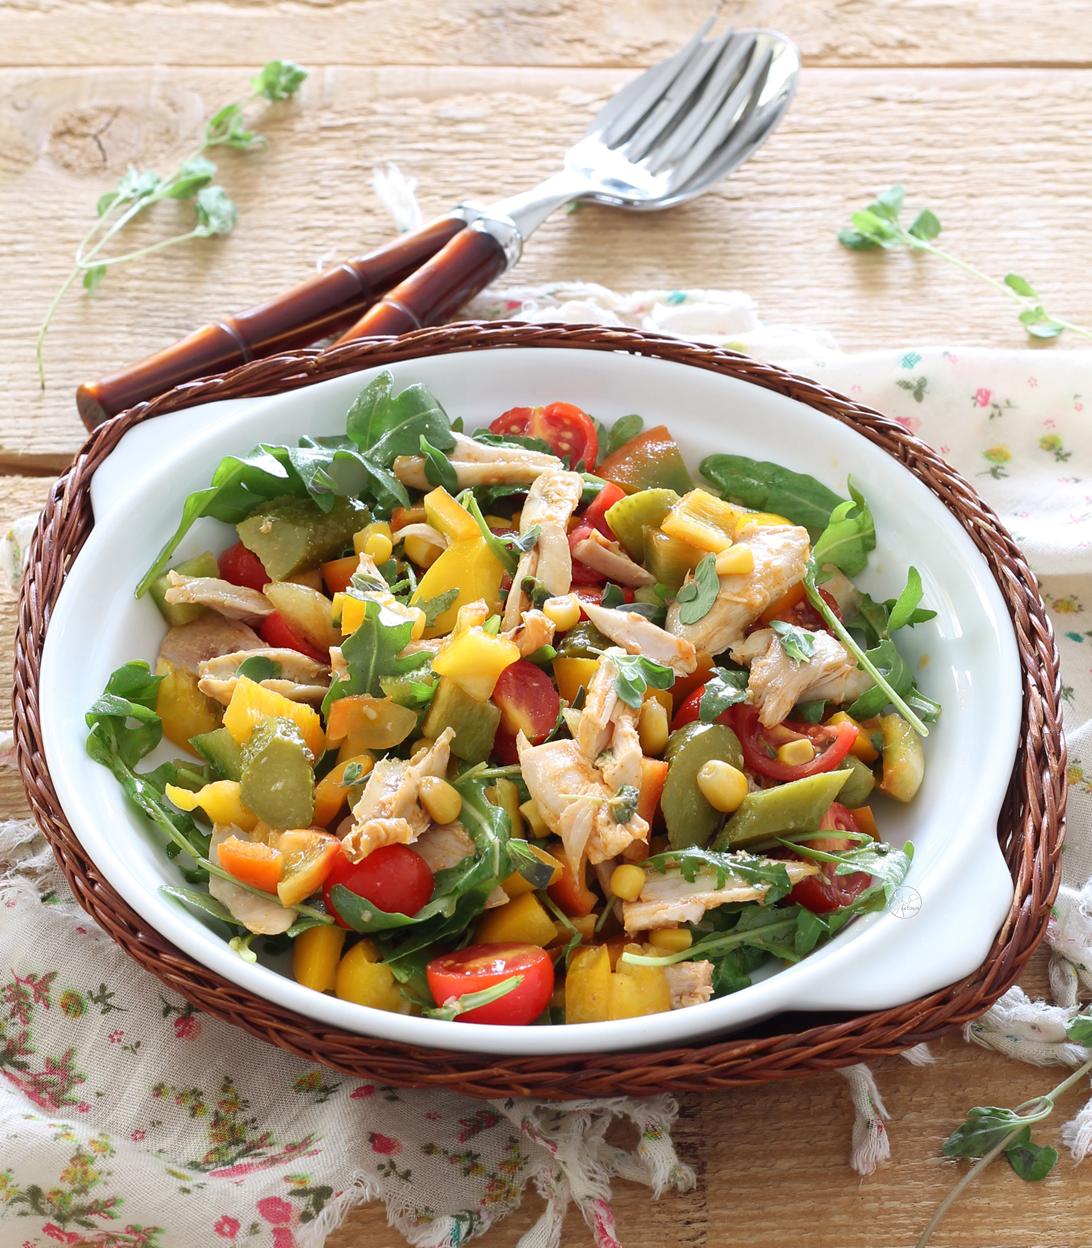 Salade de poulet sans gluten - La Cassata Celiaca